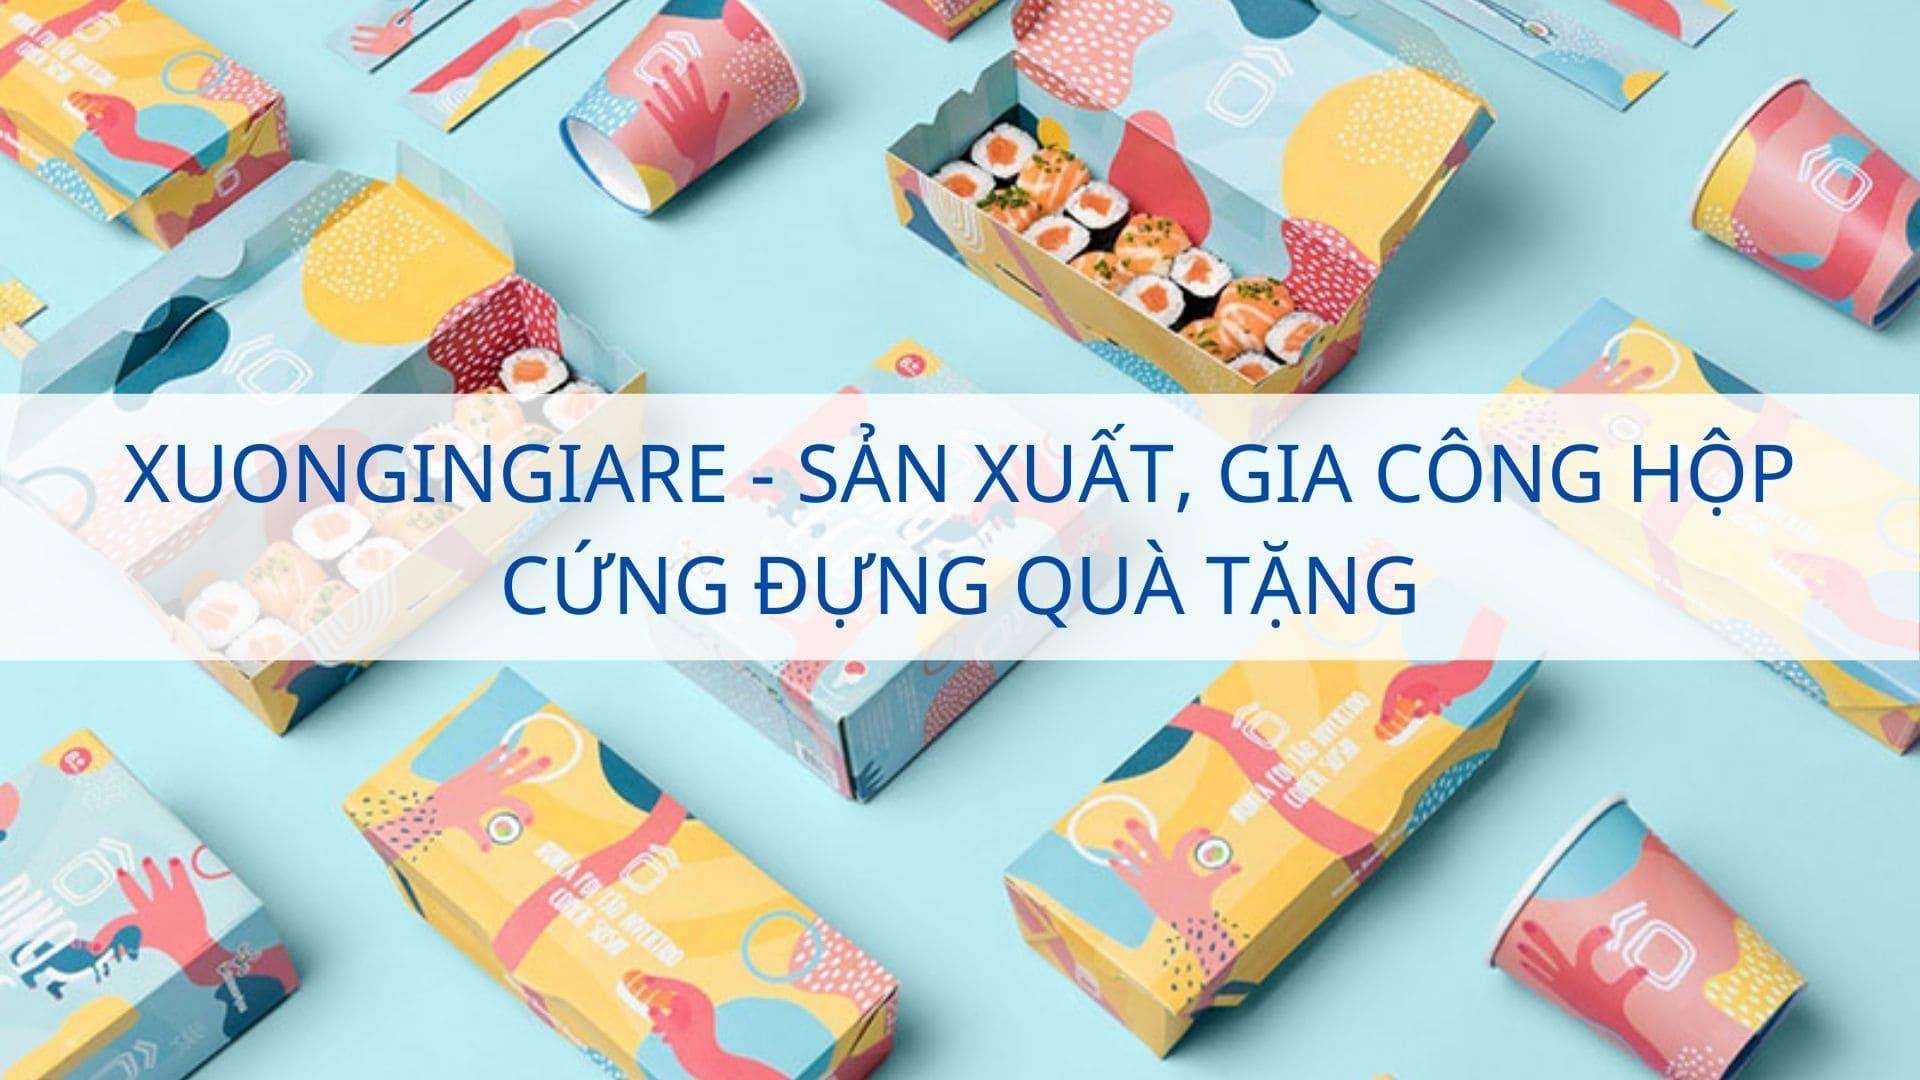 Xuongingiare - Sản xuất, gia công hộp cứng đựng quà tặng